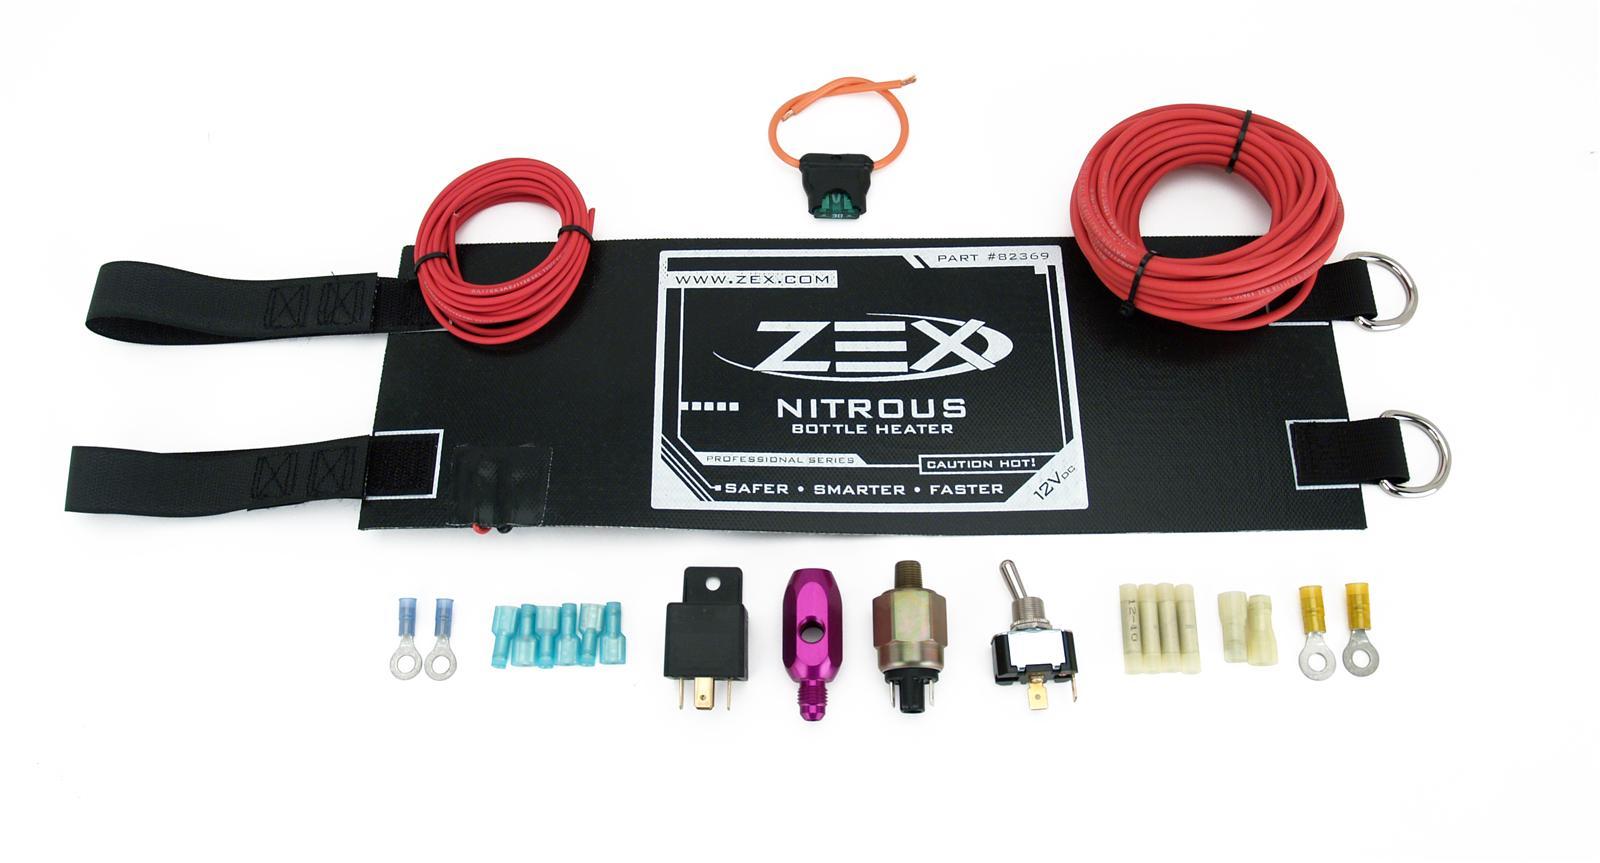 nitrous oxide wiring diagram john deere 4430 zex bottle heater 1 20 lb bottles 12 v dc